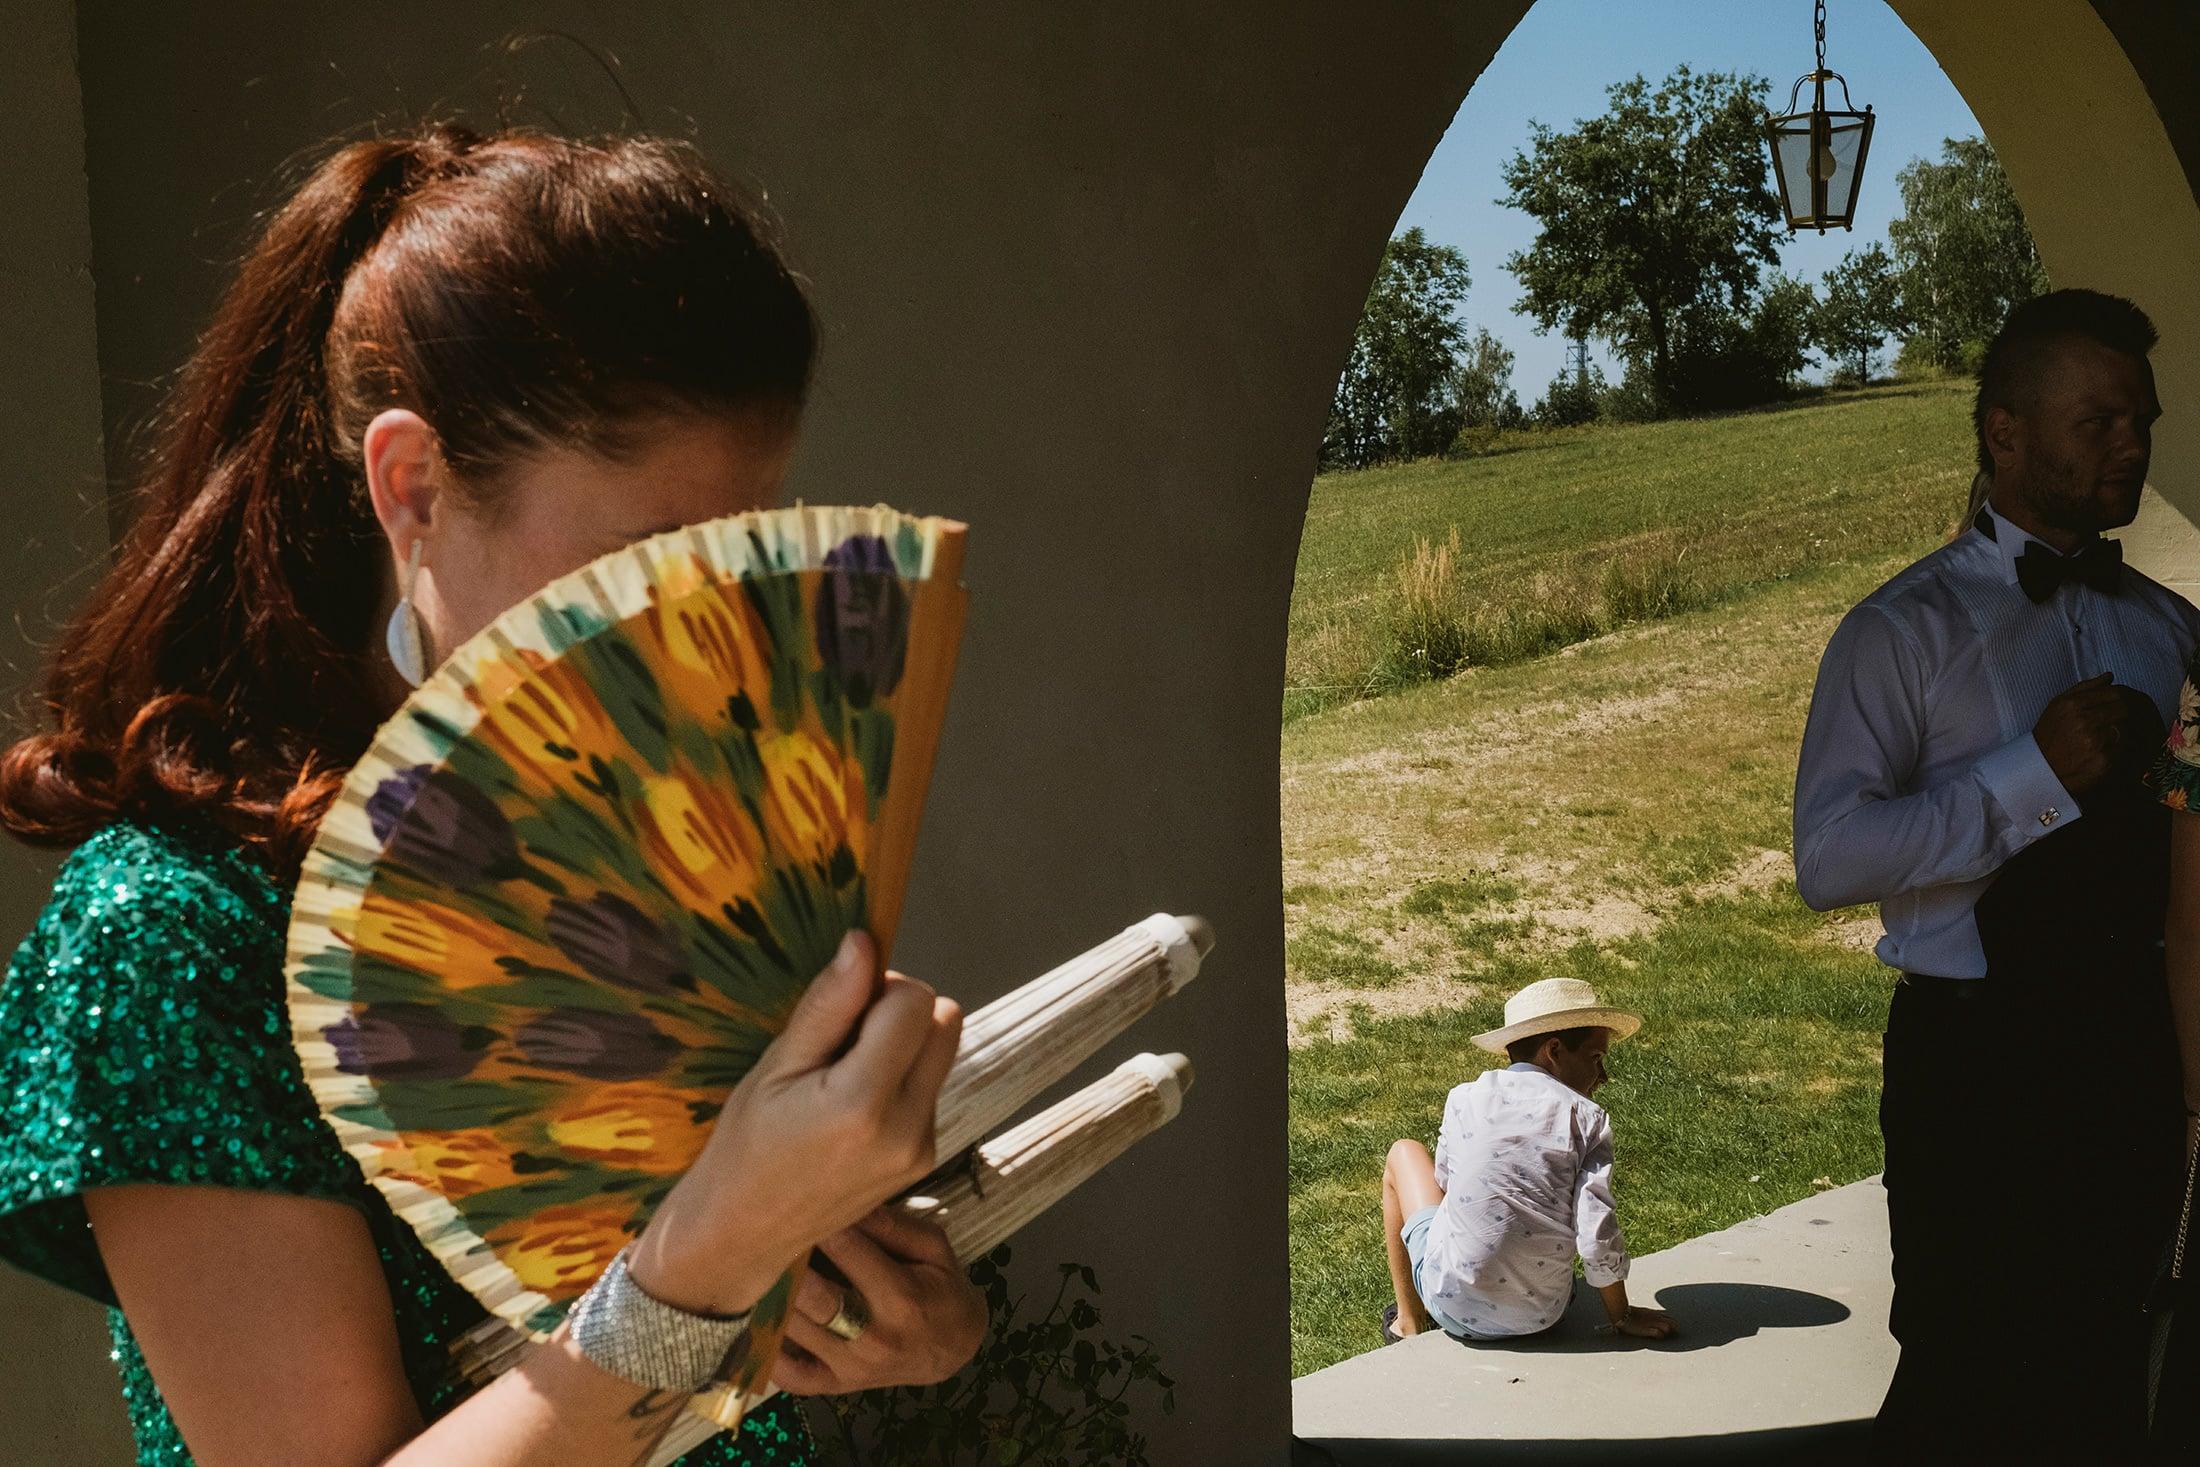 woman hiding behind a fan